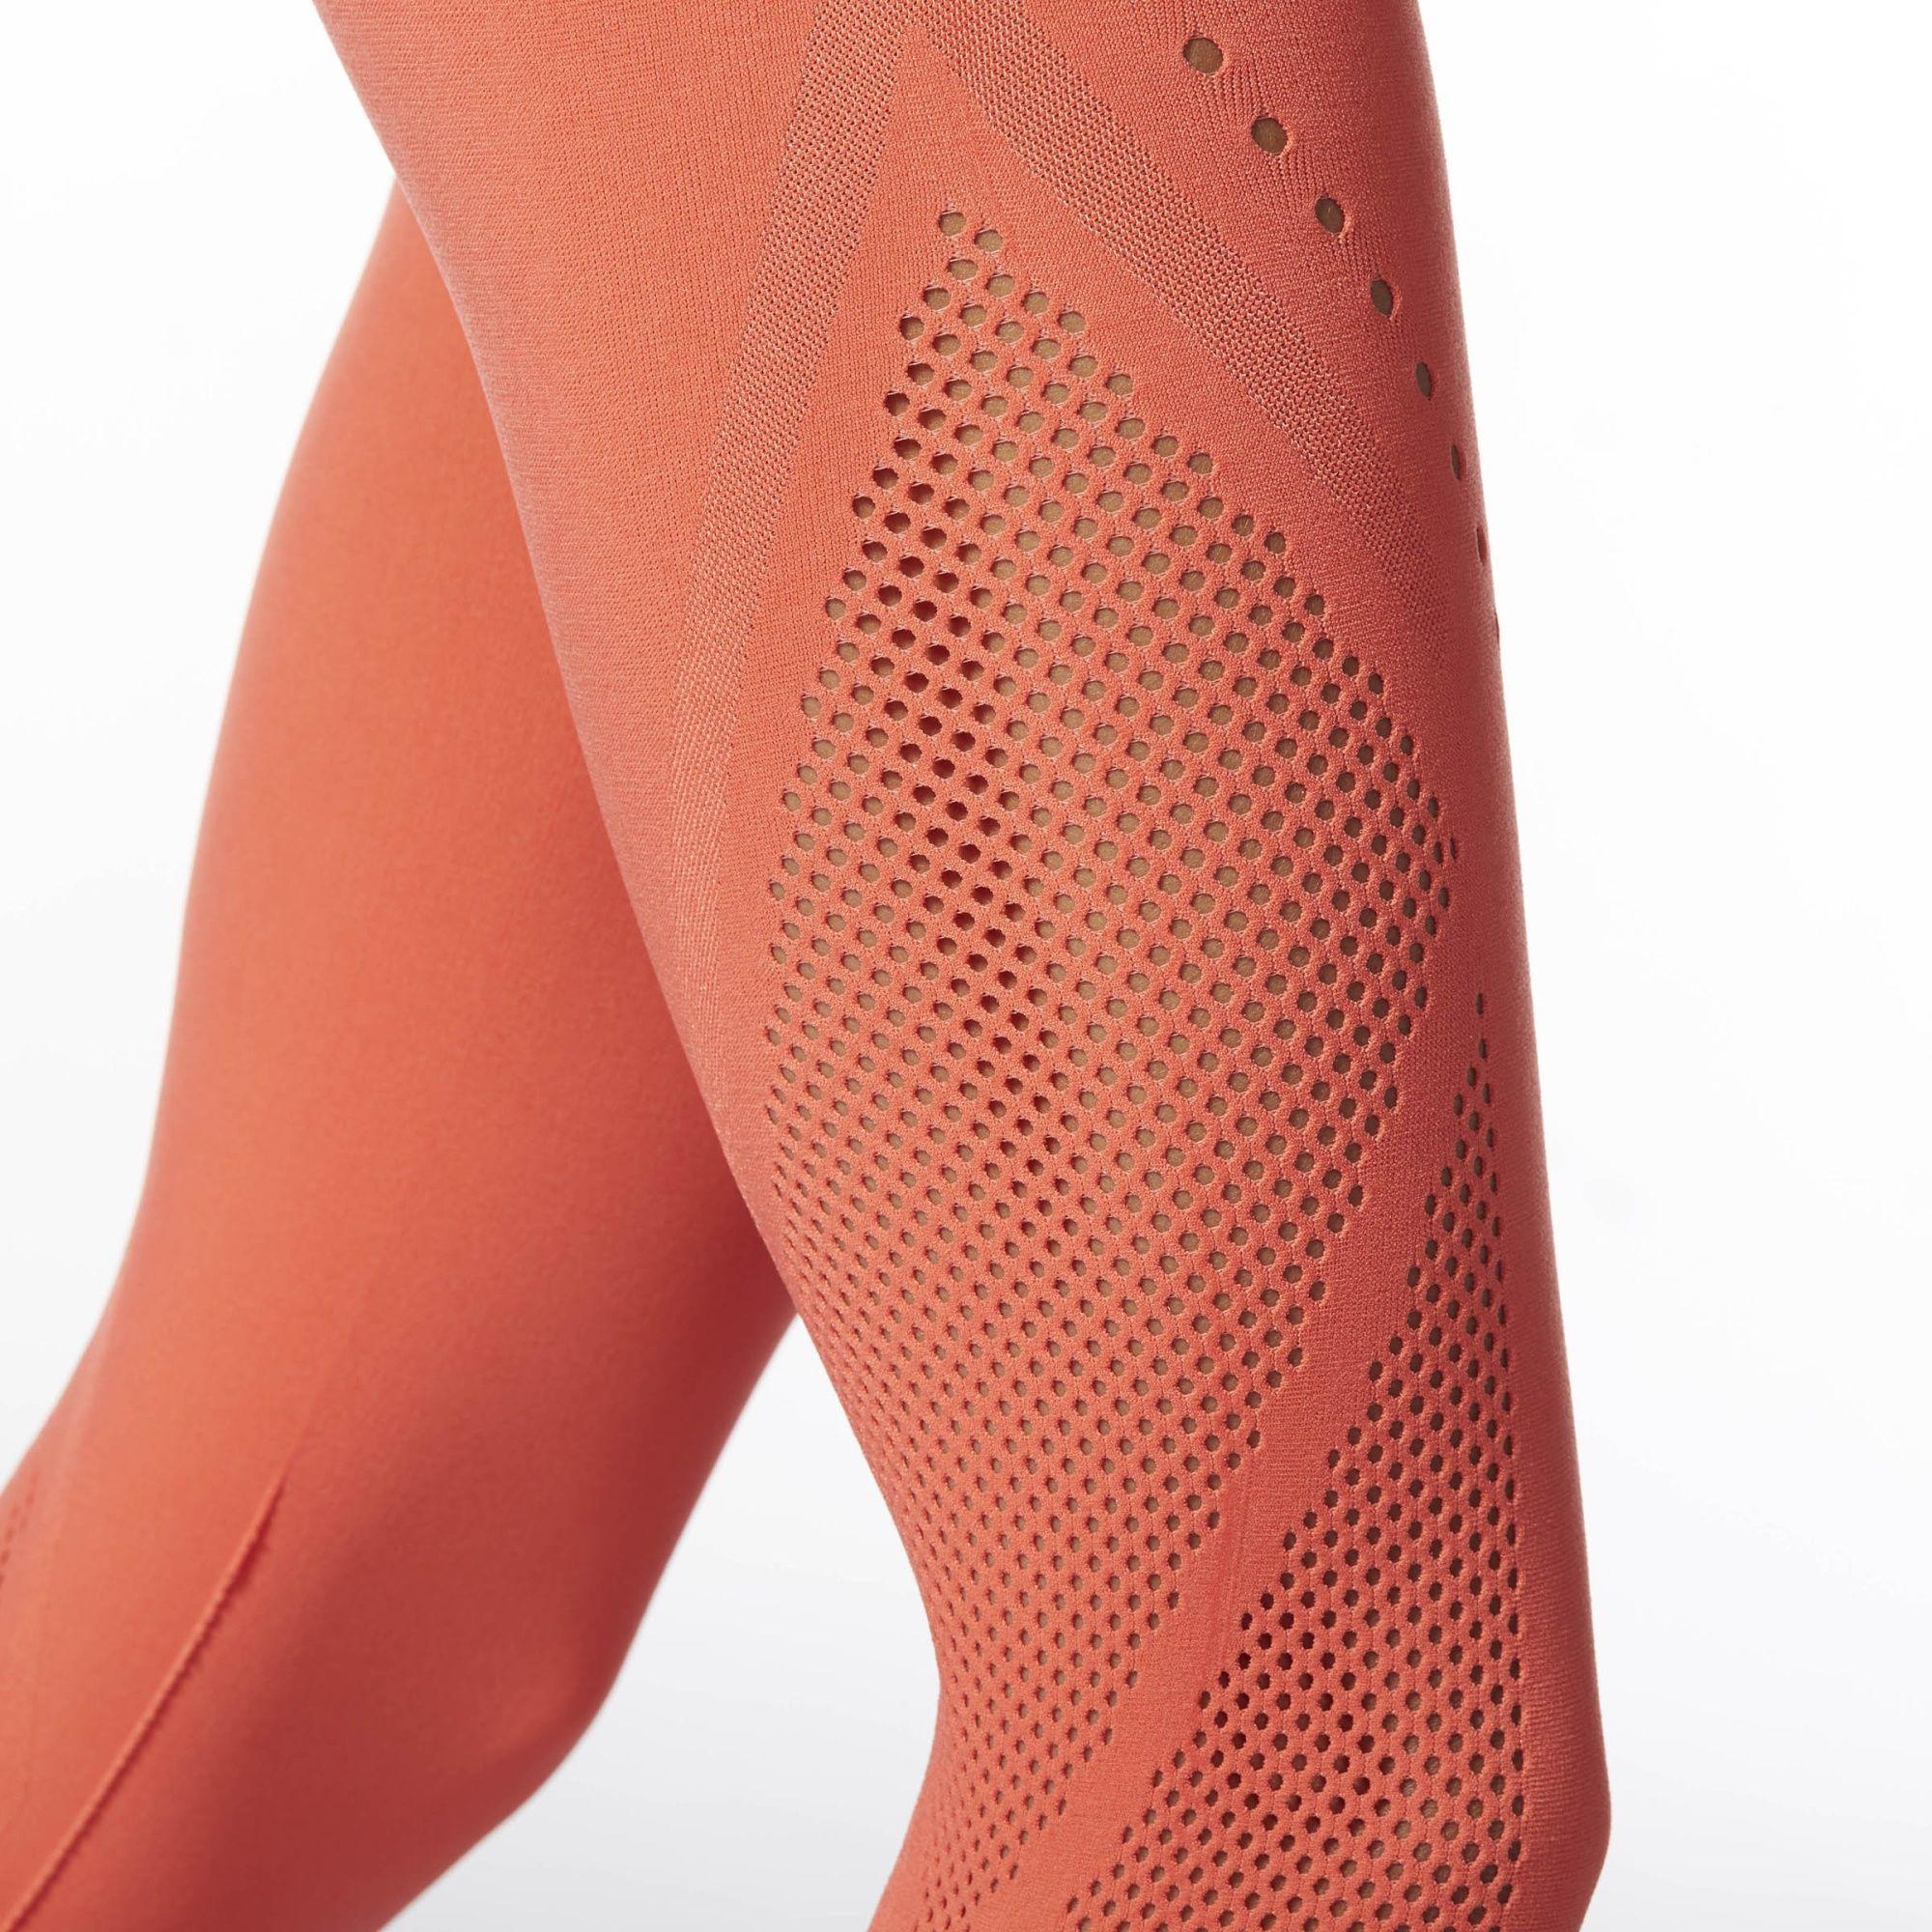 753bde0150fd2 Wanderflow Warp Knit Tights   wear   Urban style outfits, Urban ...